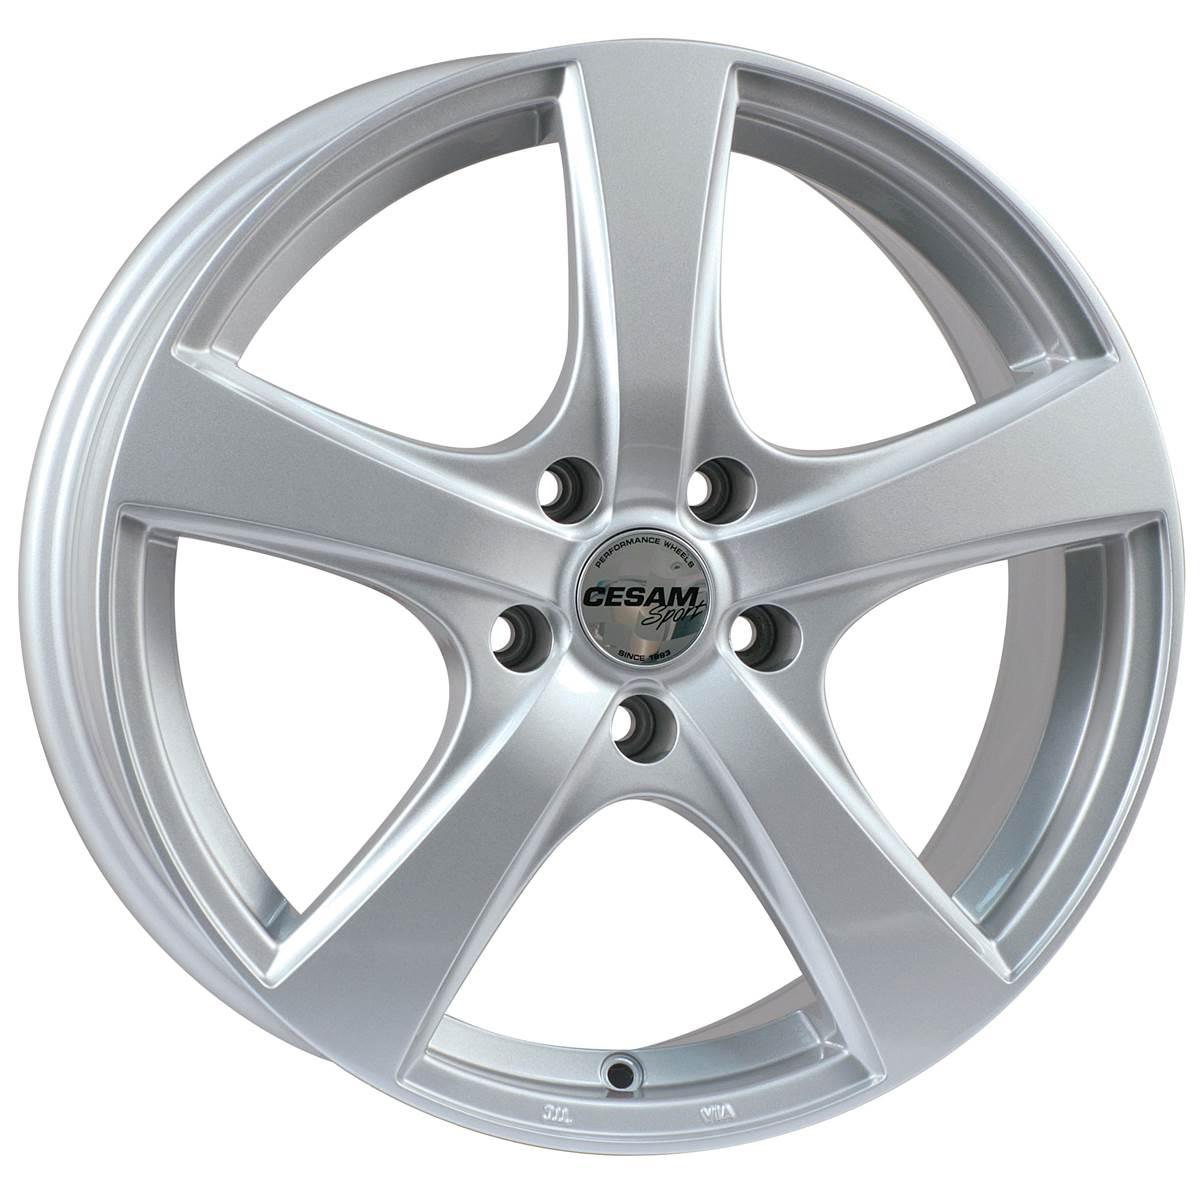 Jante CESAM Artik Silver 6,5x16 4x108ET32